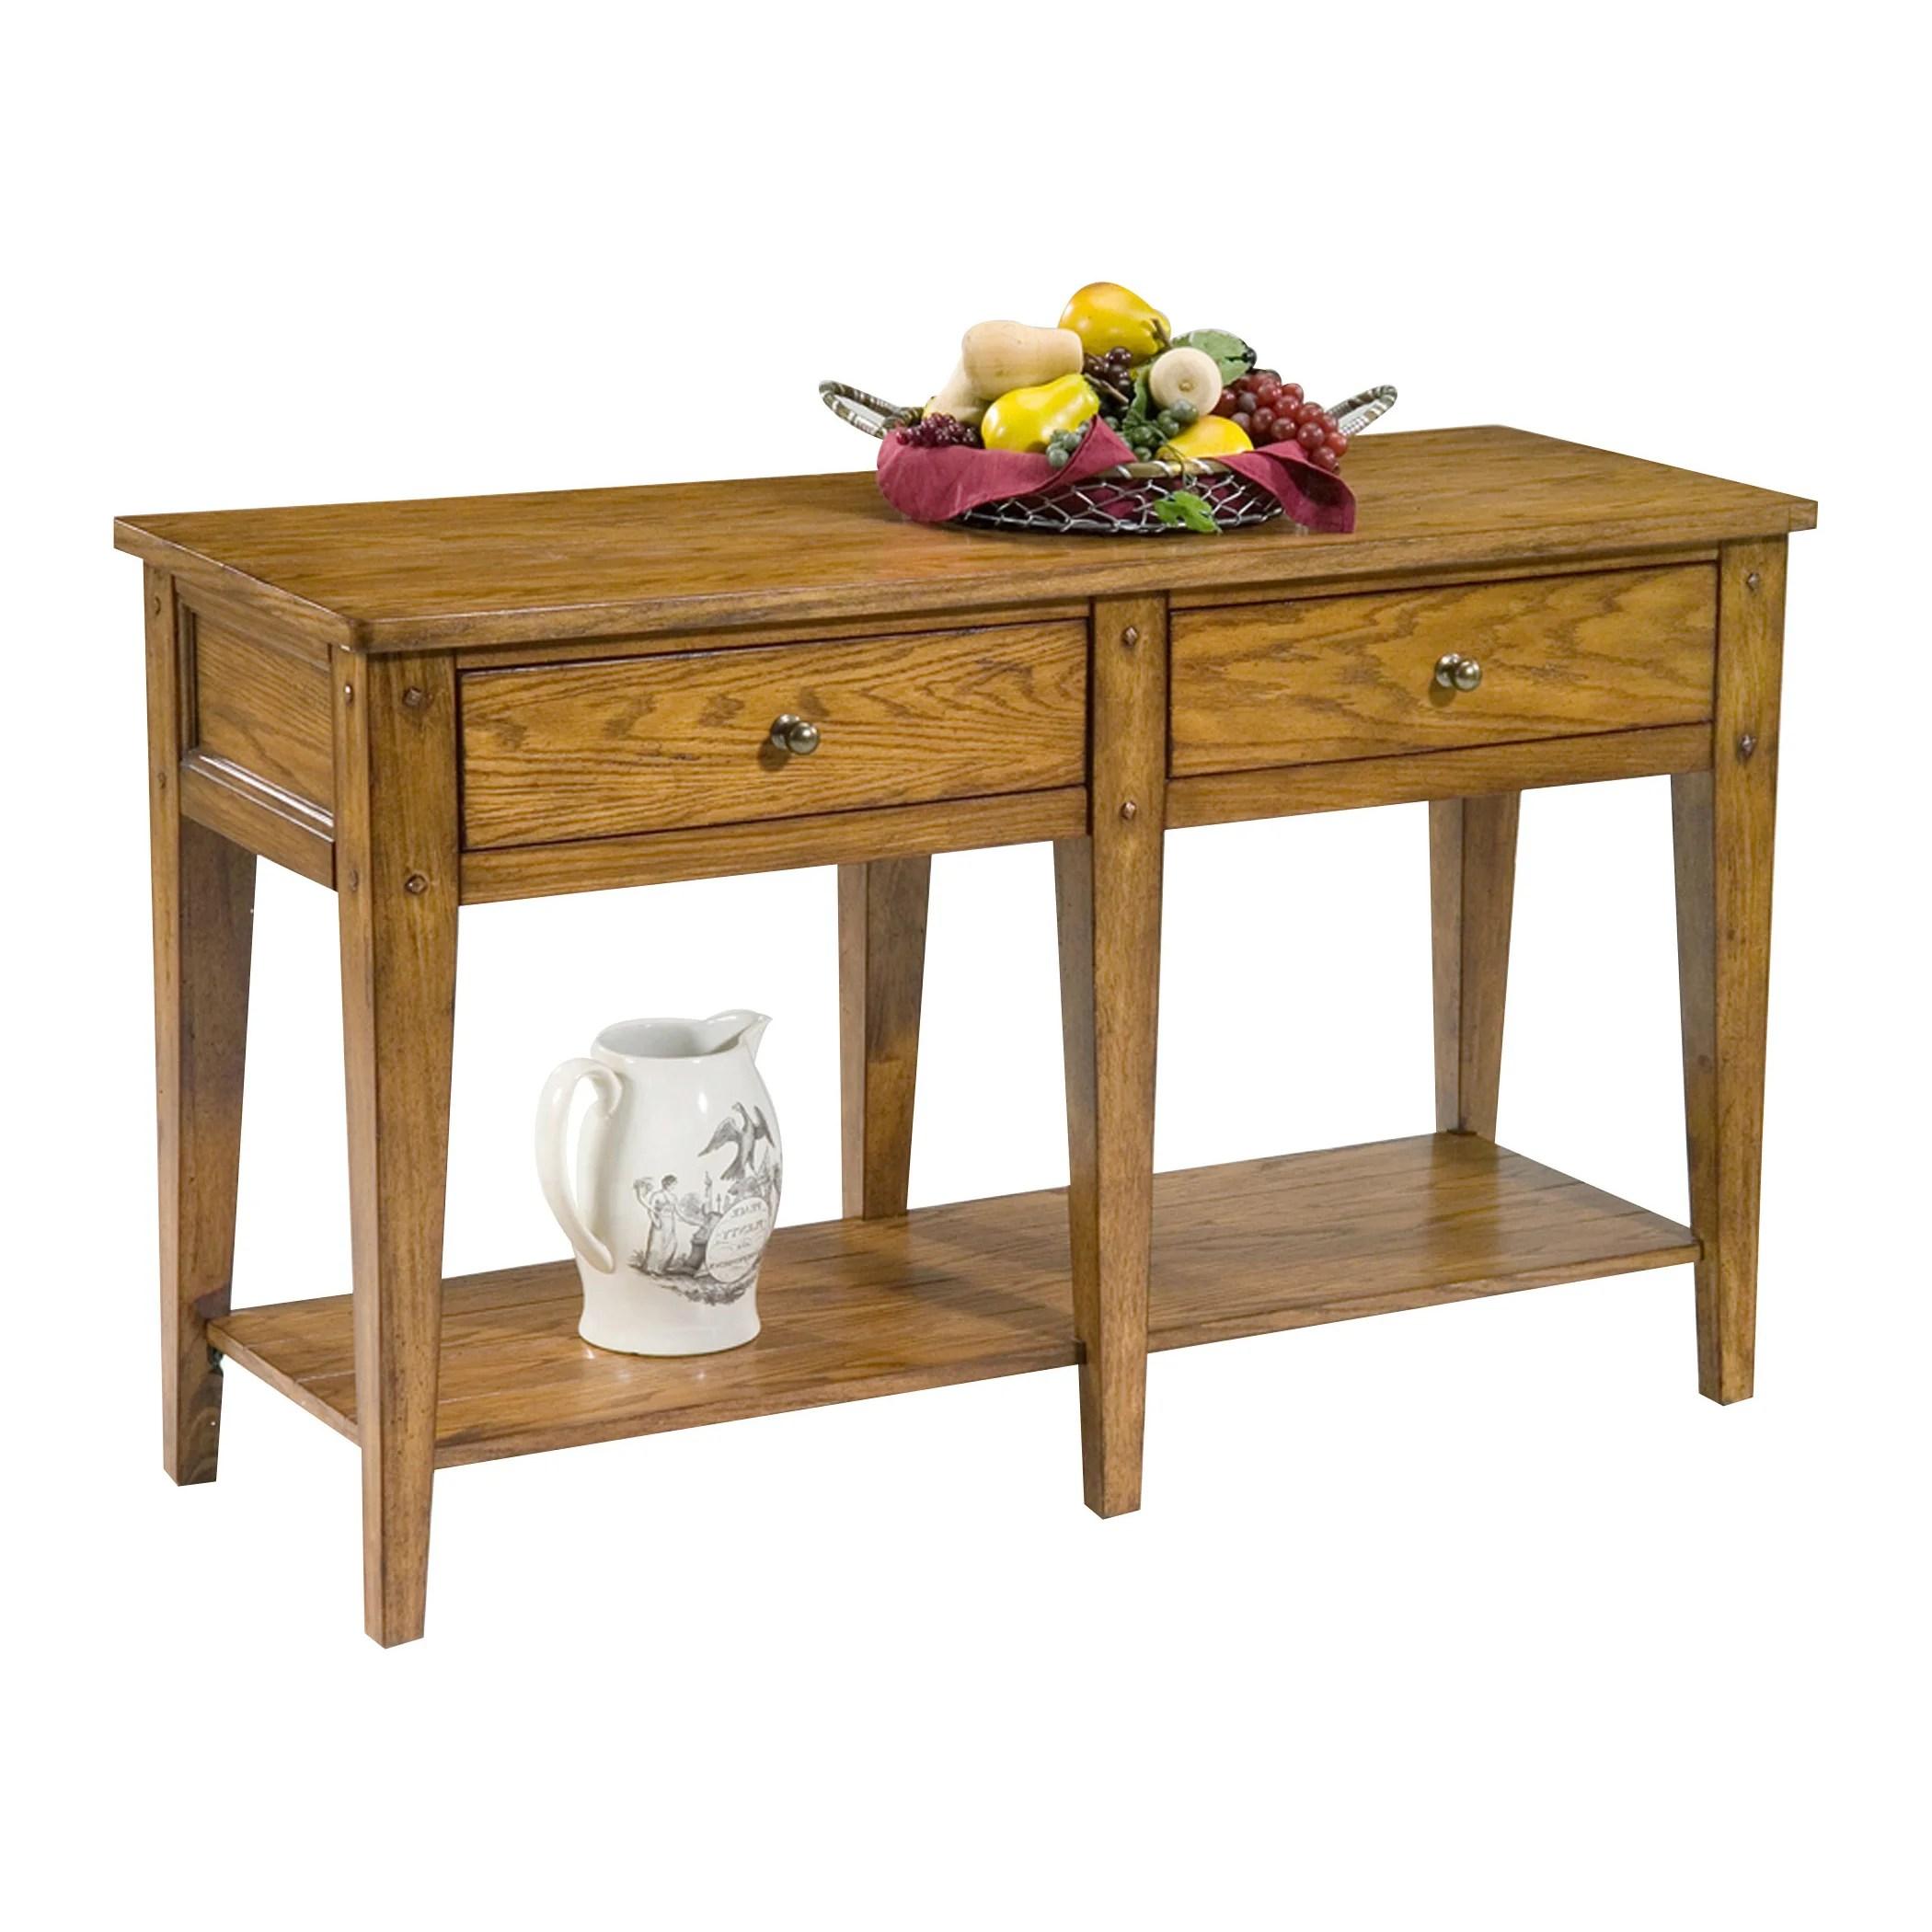 Loon Peak C2 AE Menifee Console Table LNPK kitchen console table Loon Peak reg Menifee Console Table